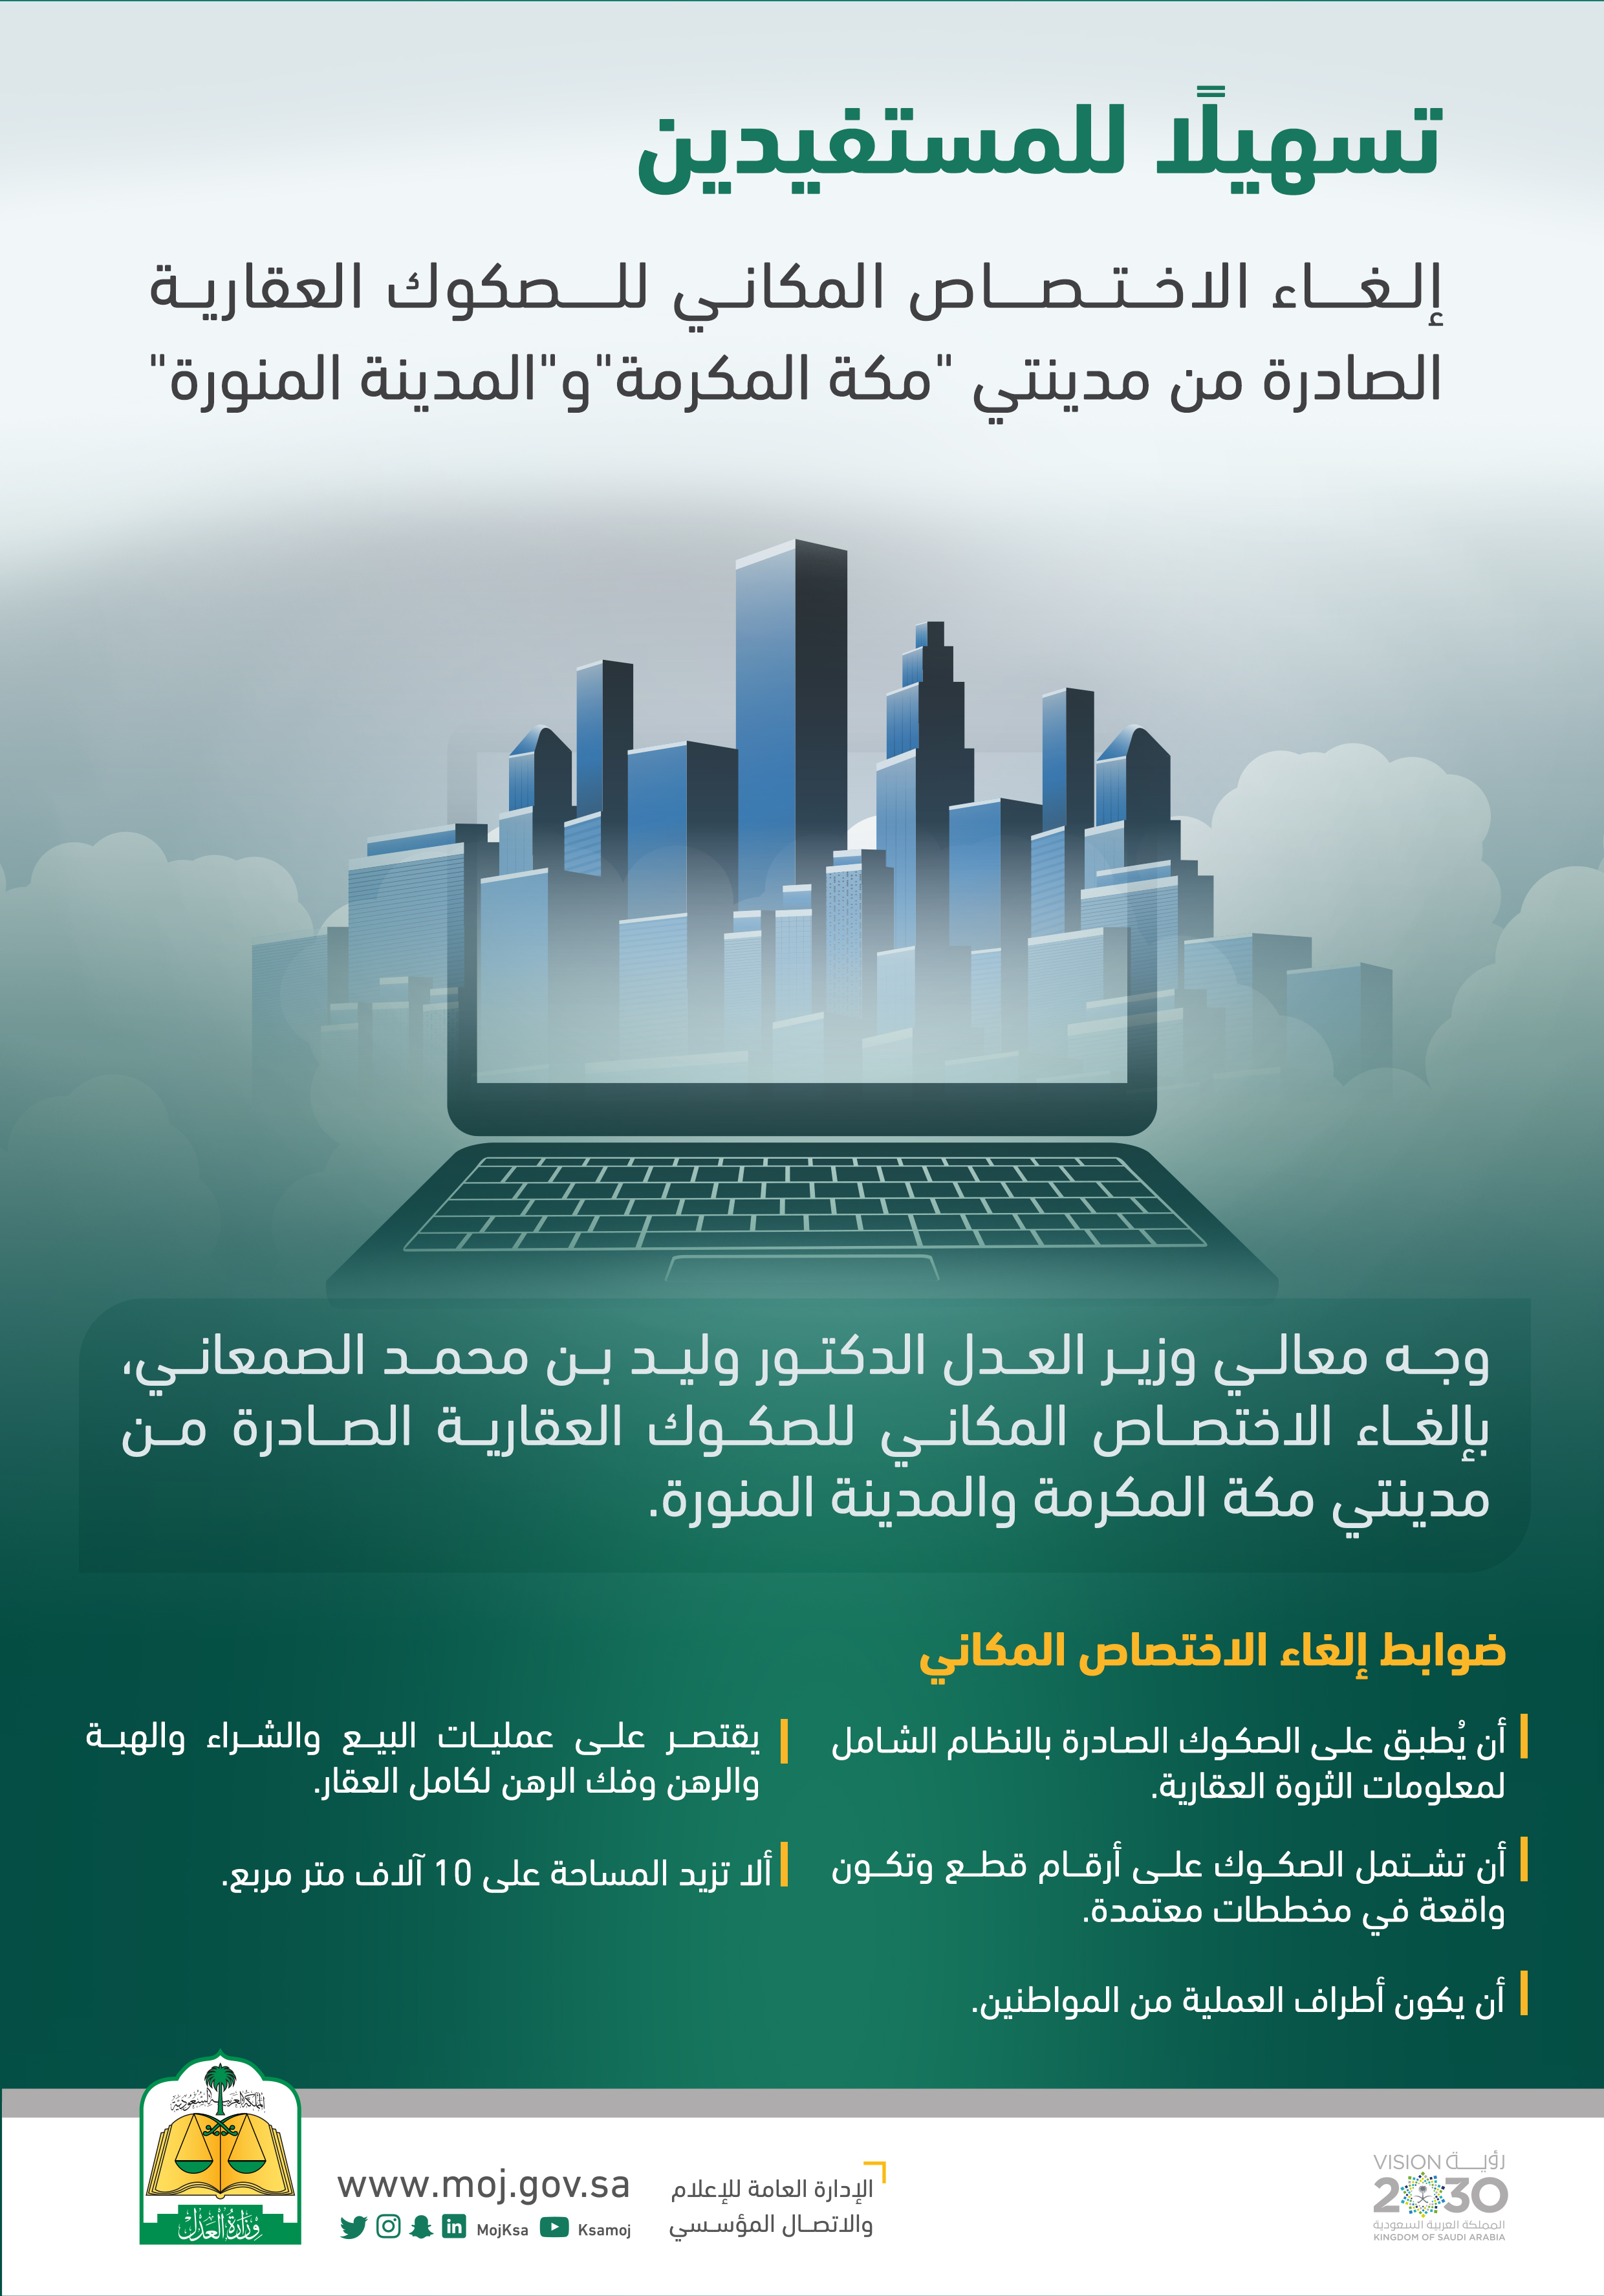 وزير العدل يوجه بإلغاء الاختصاص المكاني للصكوك العقارية الصادرة من مدينتي مكة المكرمة والمدينة المنورة